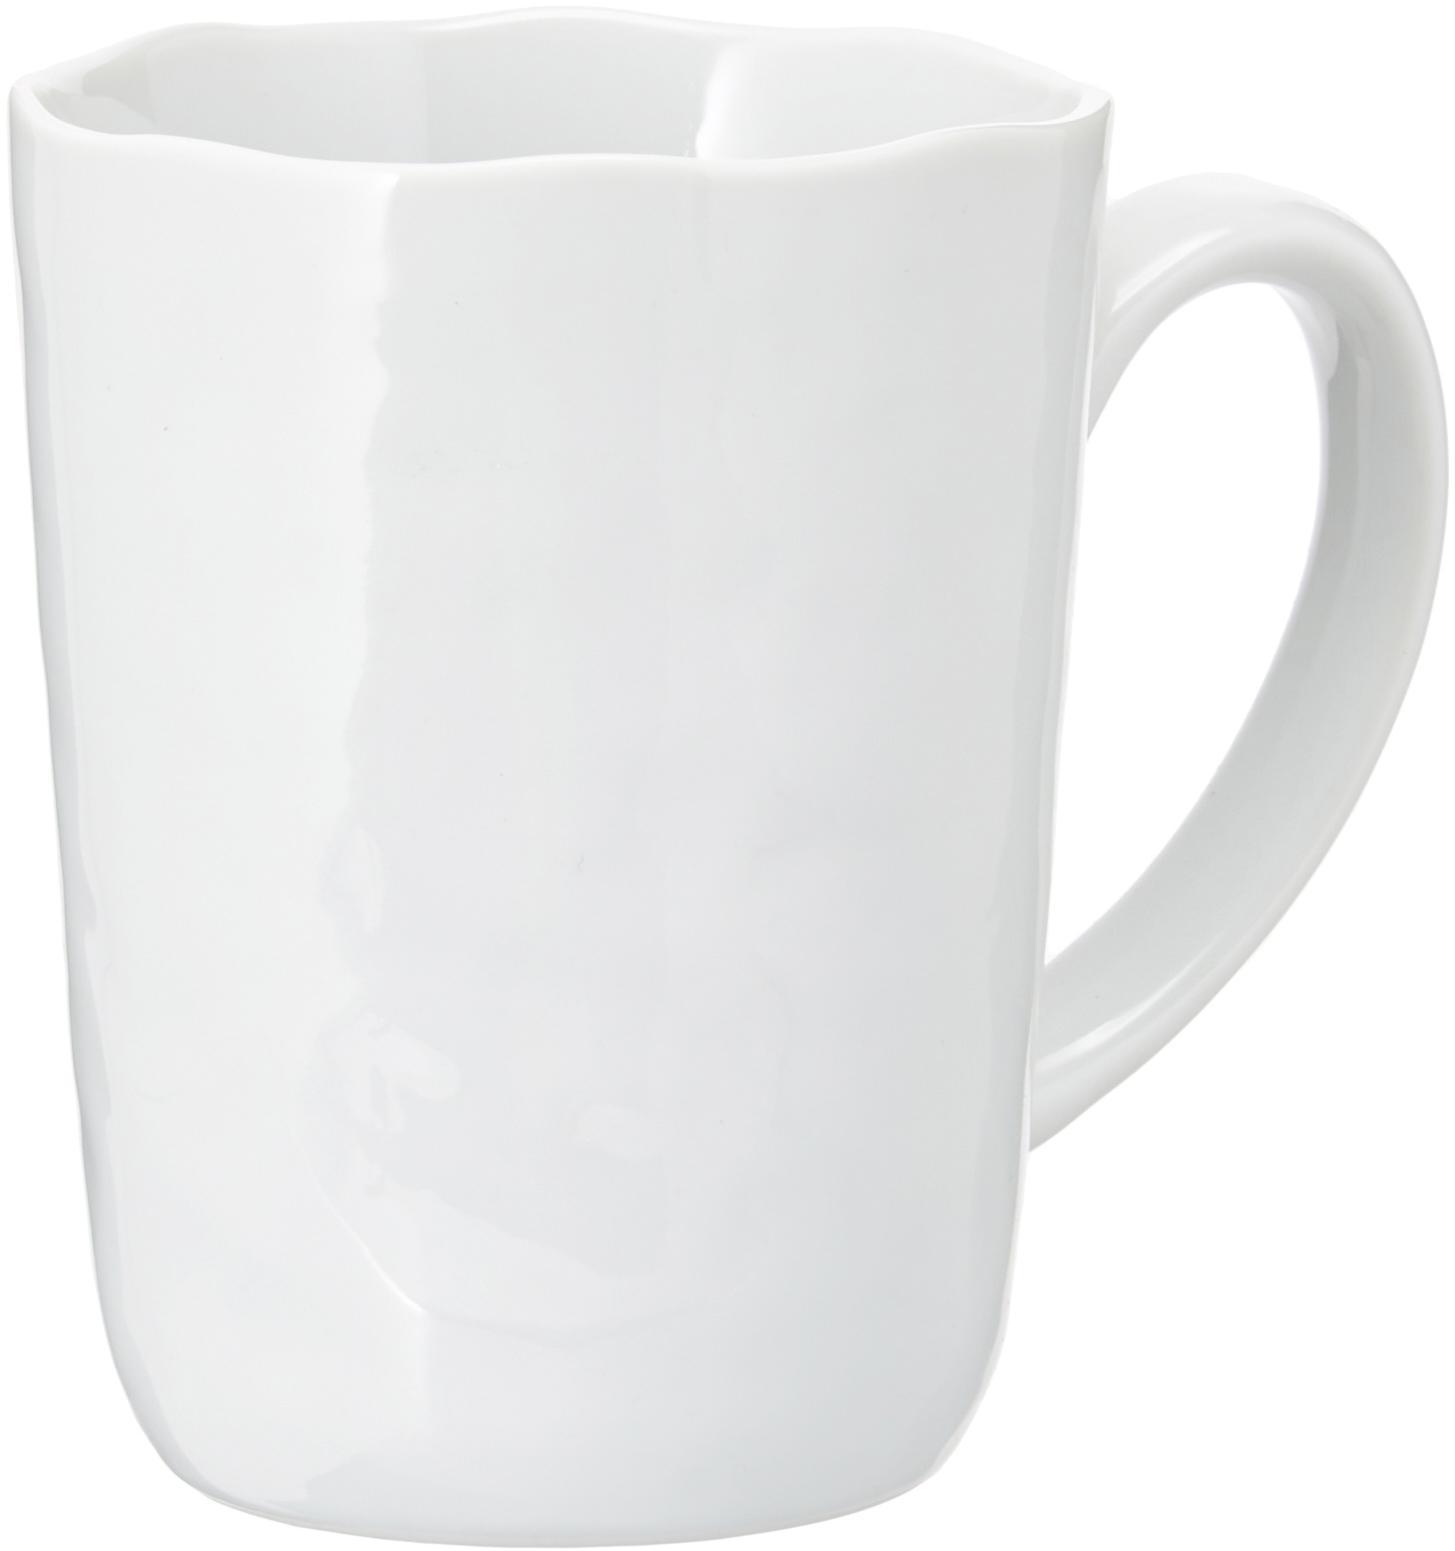 Koffiemokken Porcelino, 6 stuks, Porselein, Wit, Ø 8 x H 11 cm